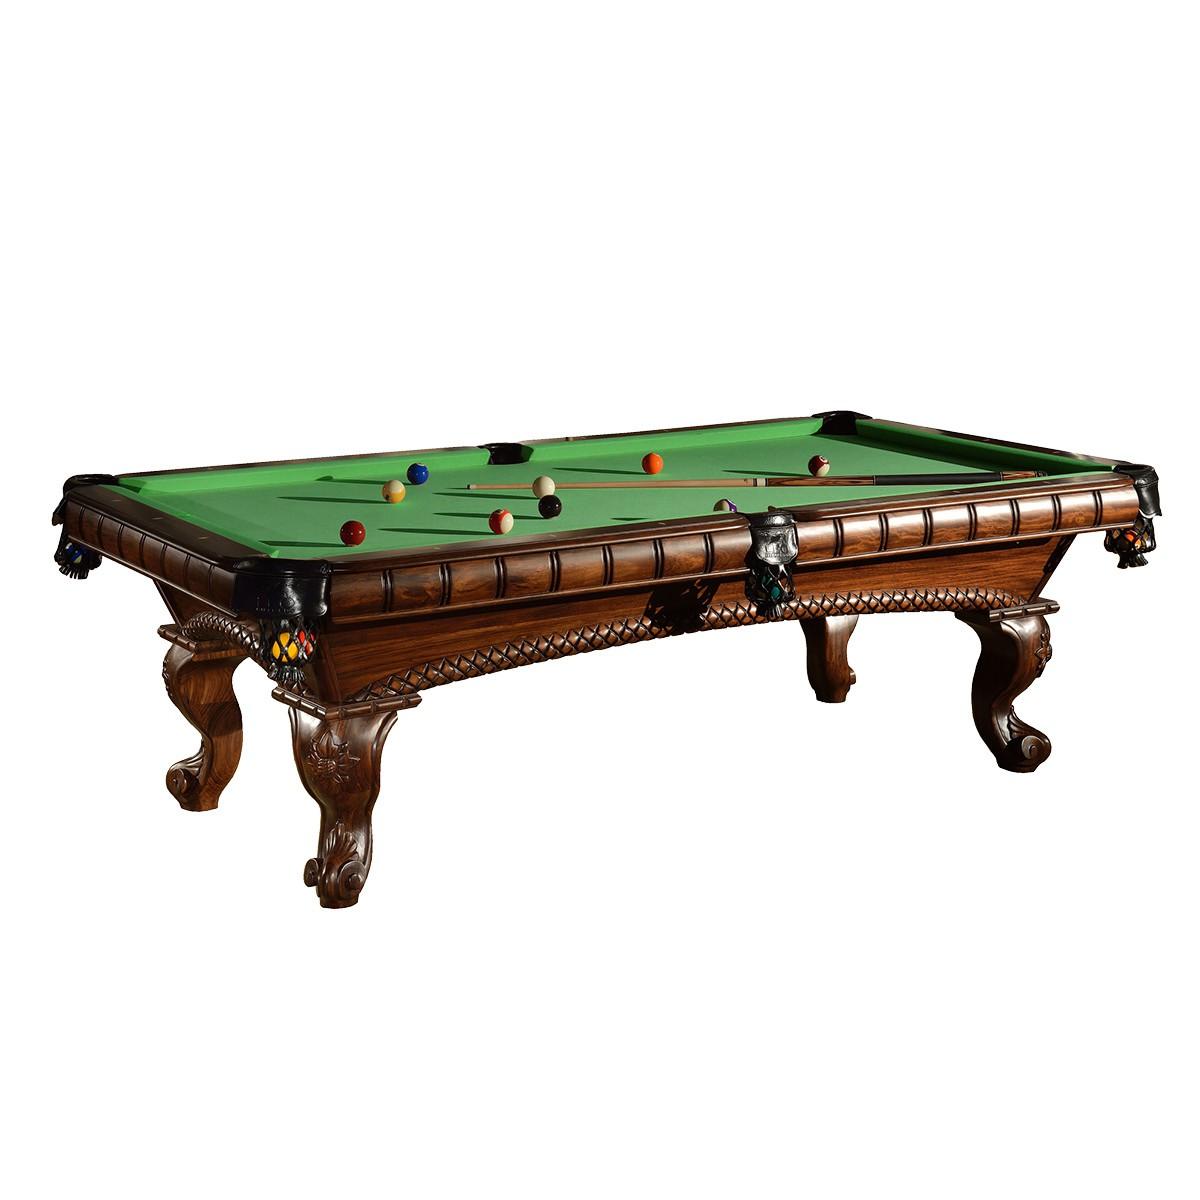 Klassischer Billardtisch mit schönen Verzierungen und Billard Kugeln